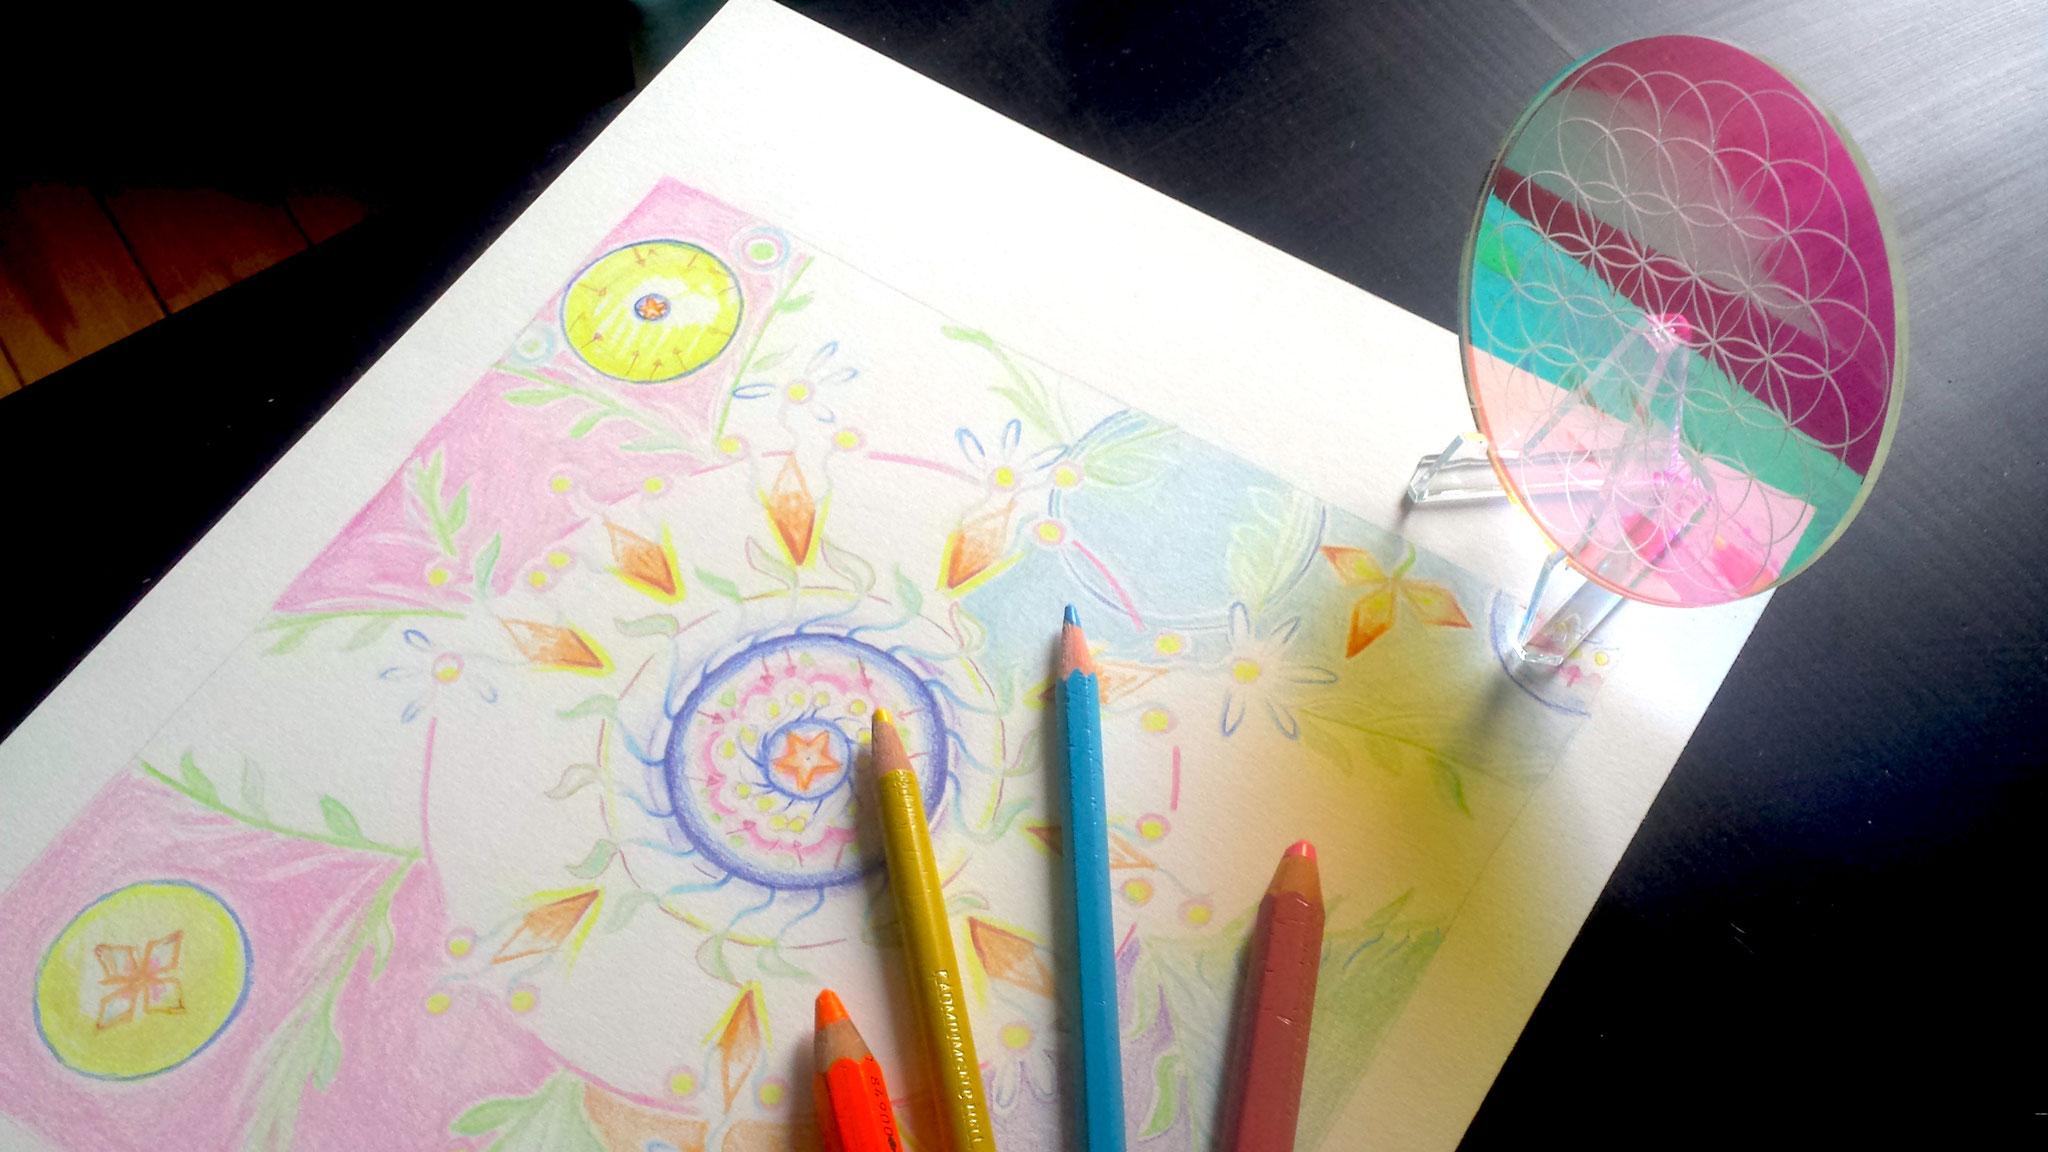 cercle de lumière. Séverine Saint-Maurice. Fleur de vie. lescerclesdelumiere.com